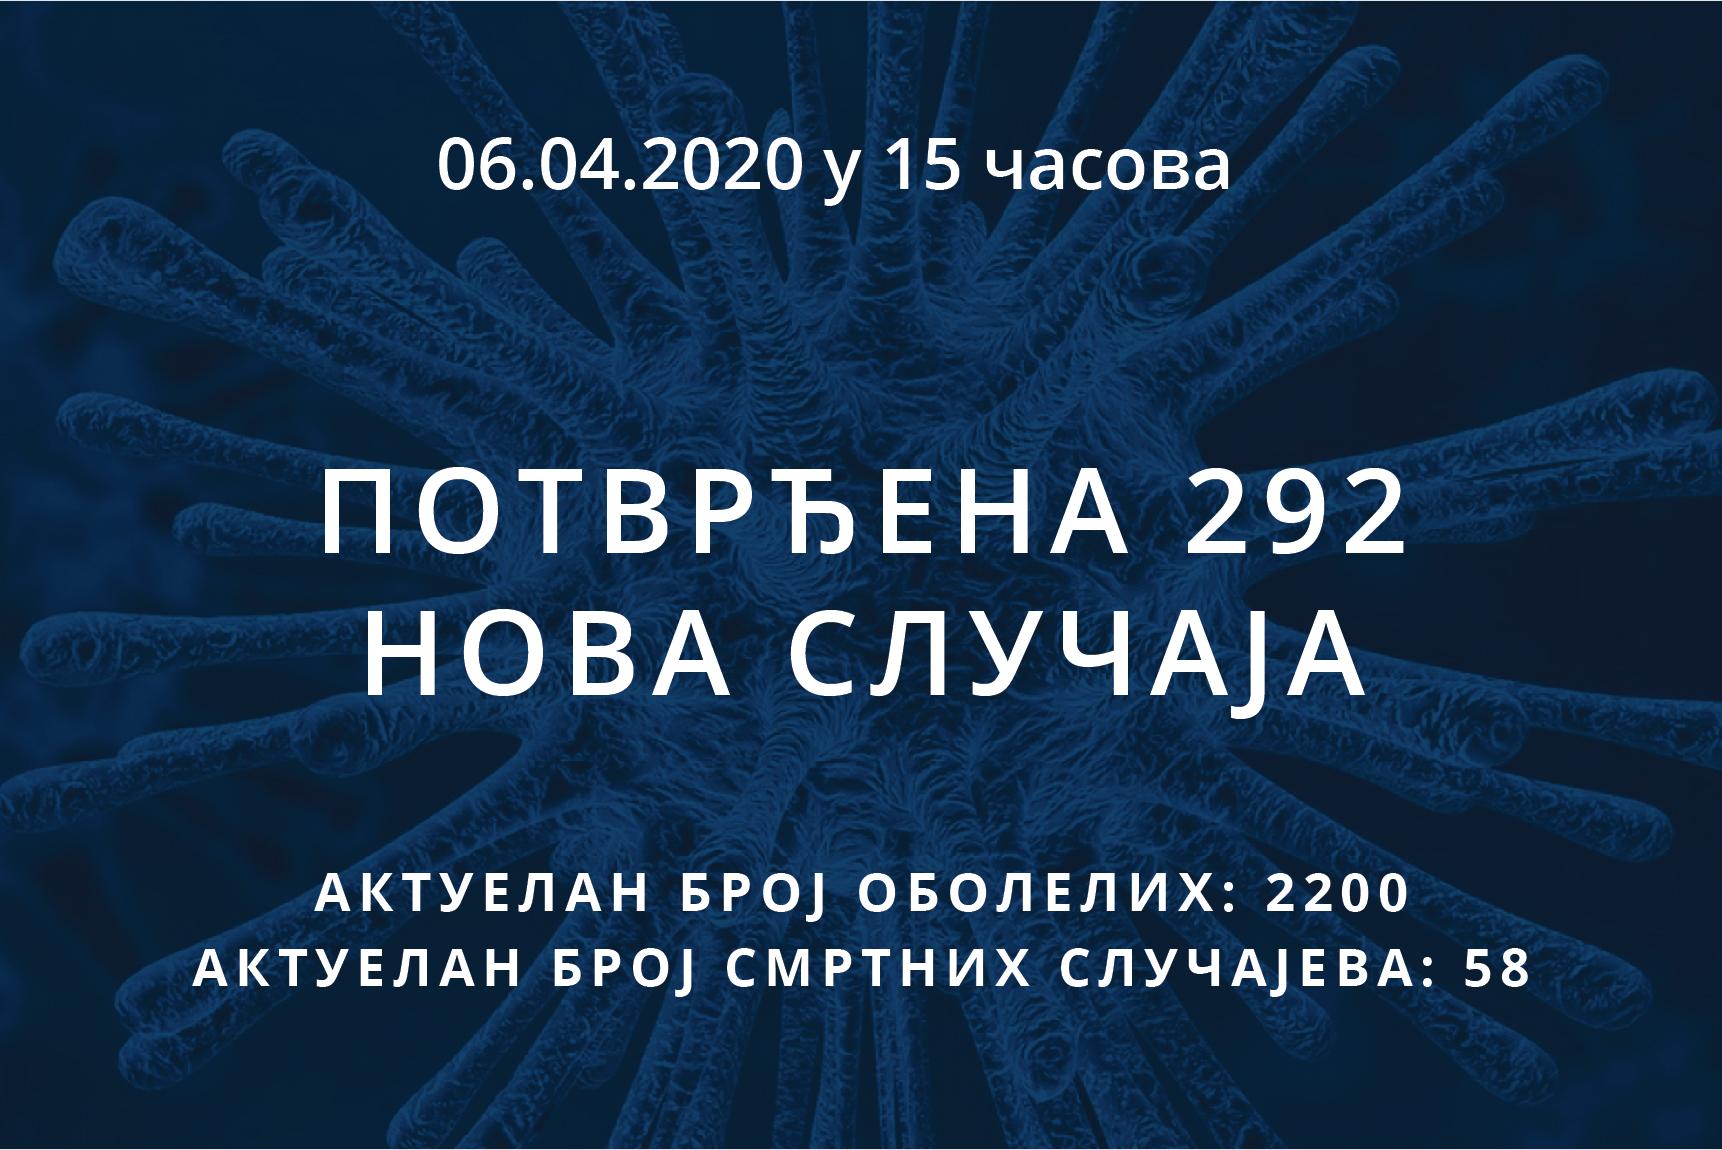 Информације о корона вирусу COVID-19, 06.04.2020 у 15 часова